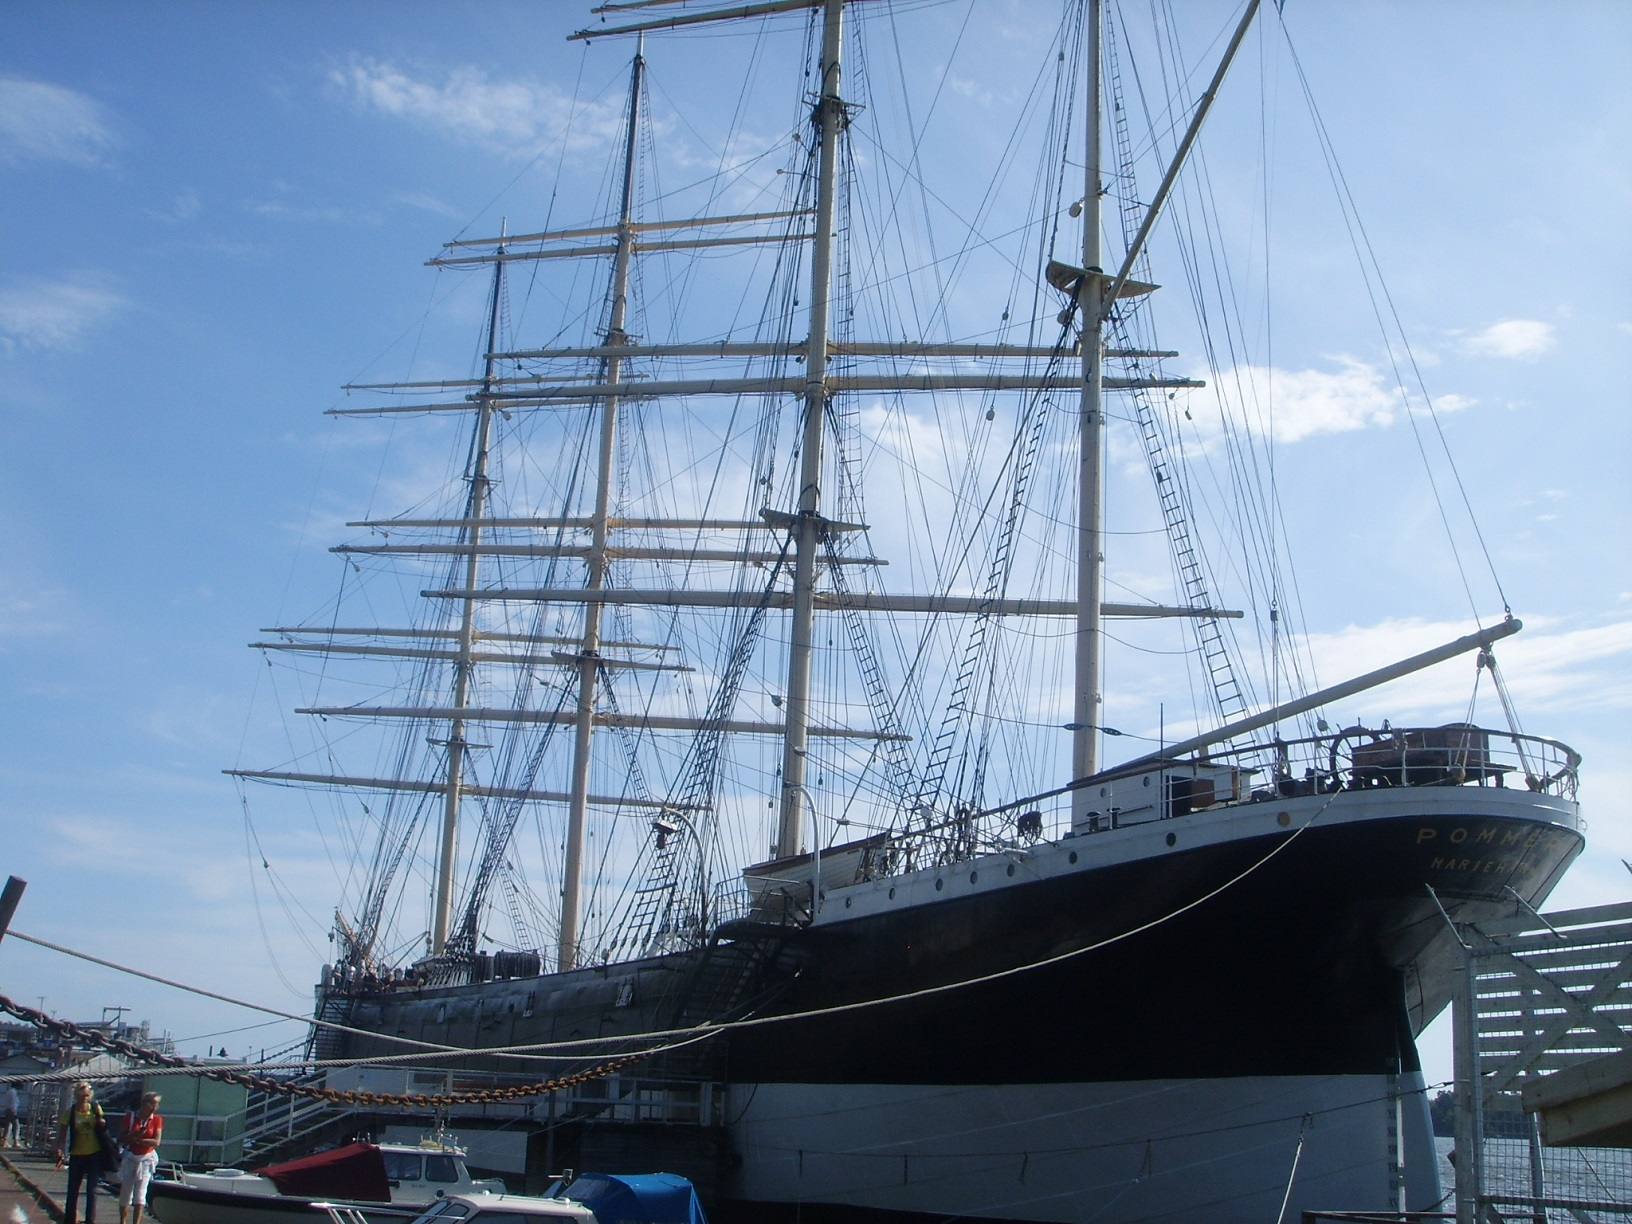 Segelschiff Pommern im Hafen von Mariehamn